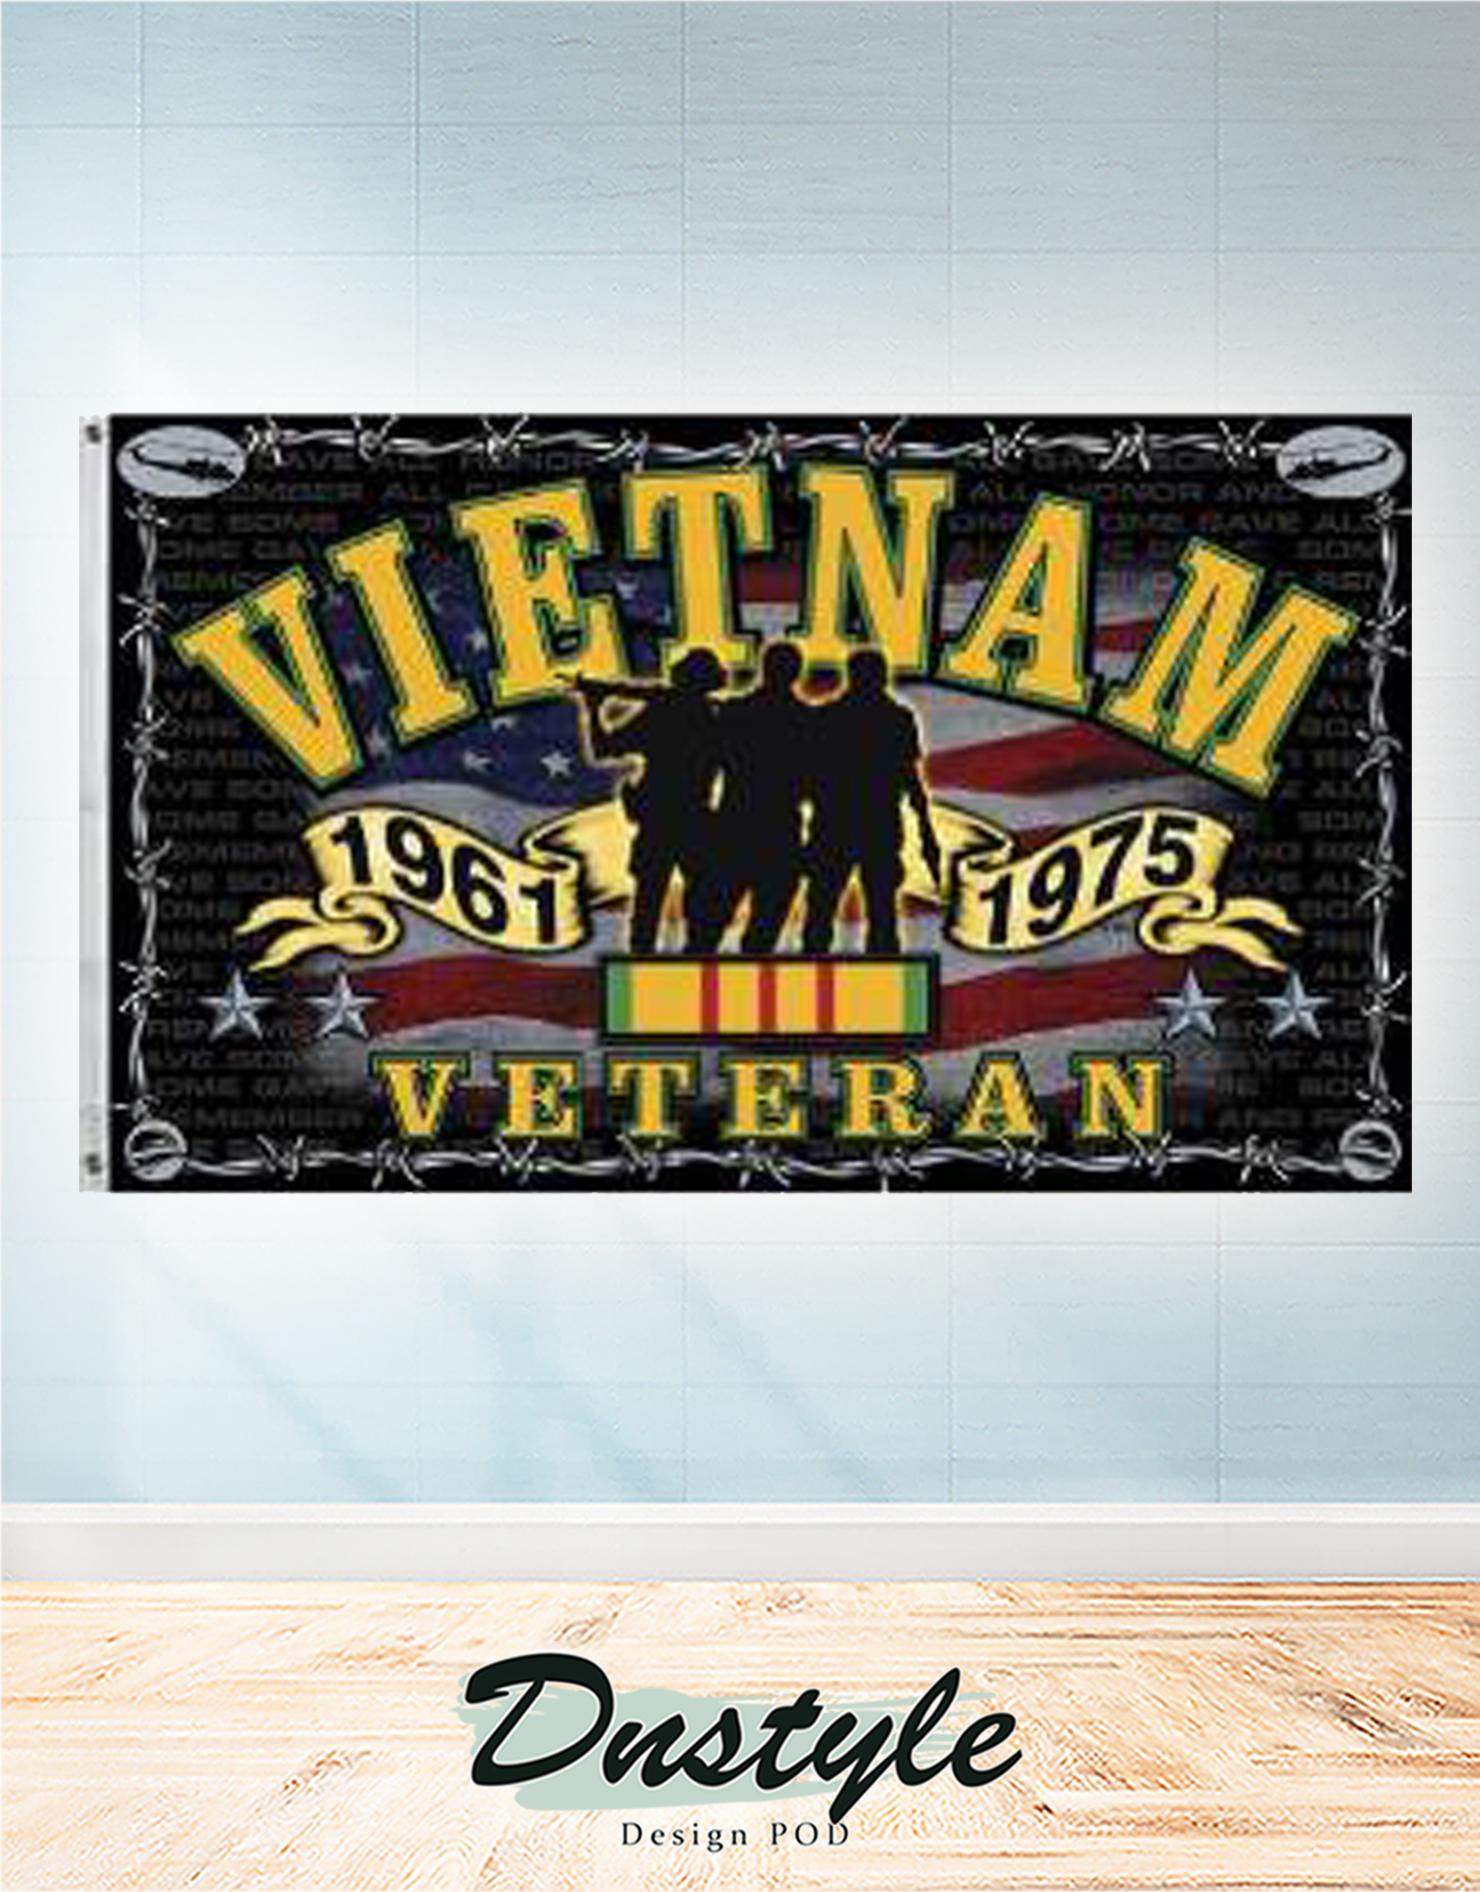 Vietnam veteran memorial flag 2